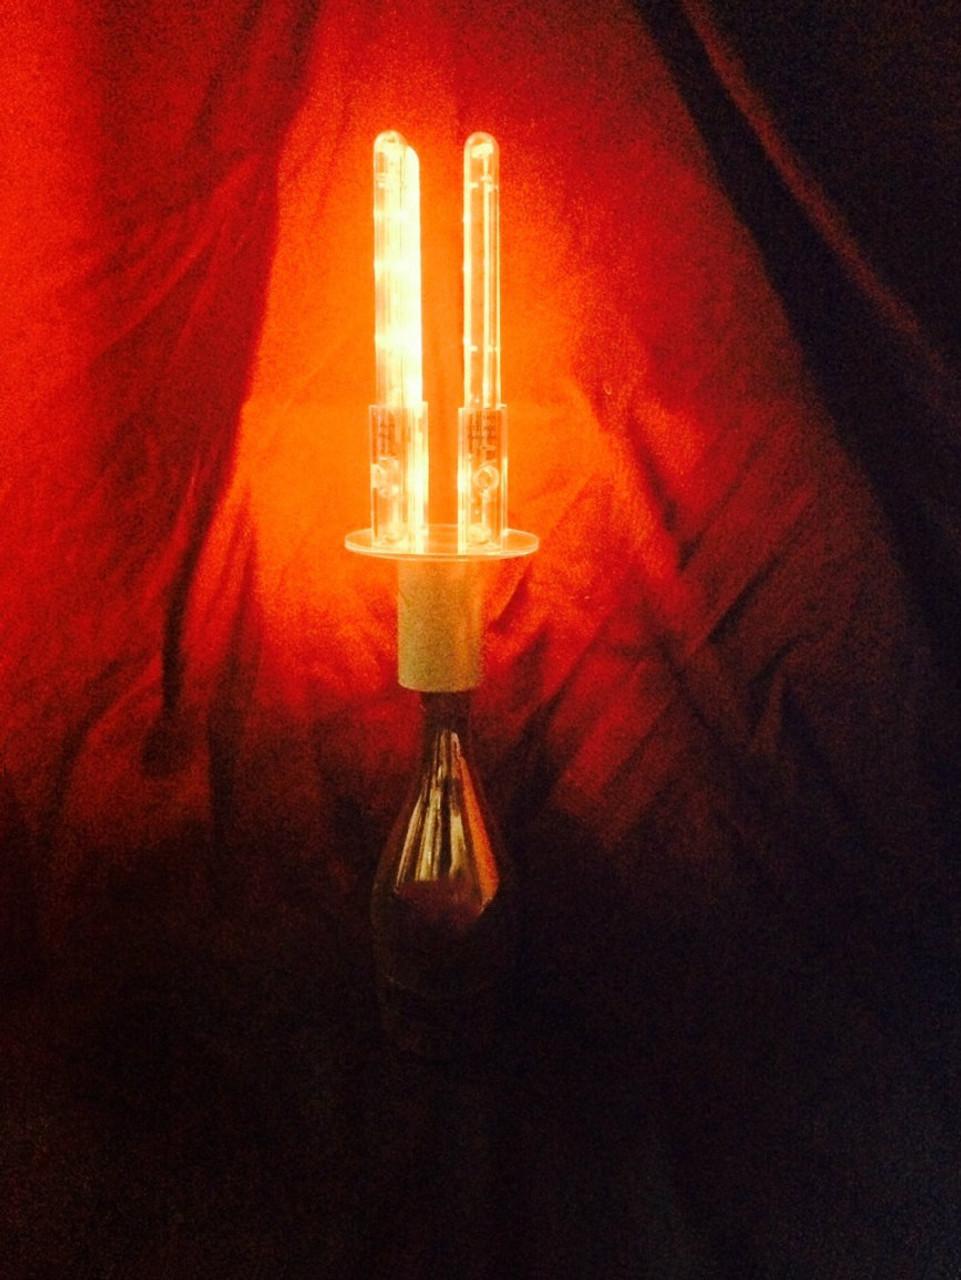 LED, NITE SPARX, PLUS, Red, White, LED, Sparkler